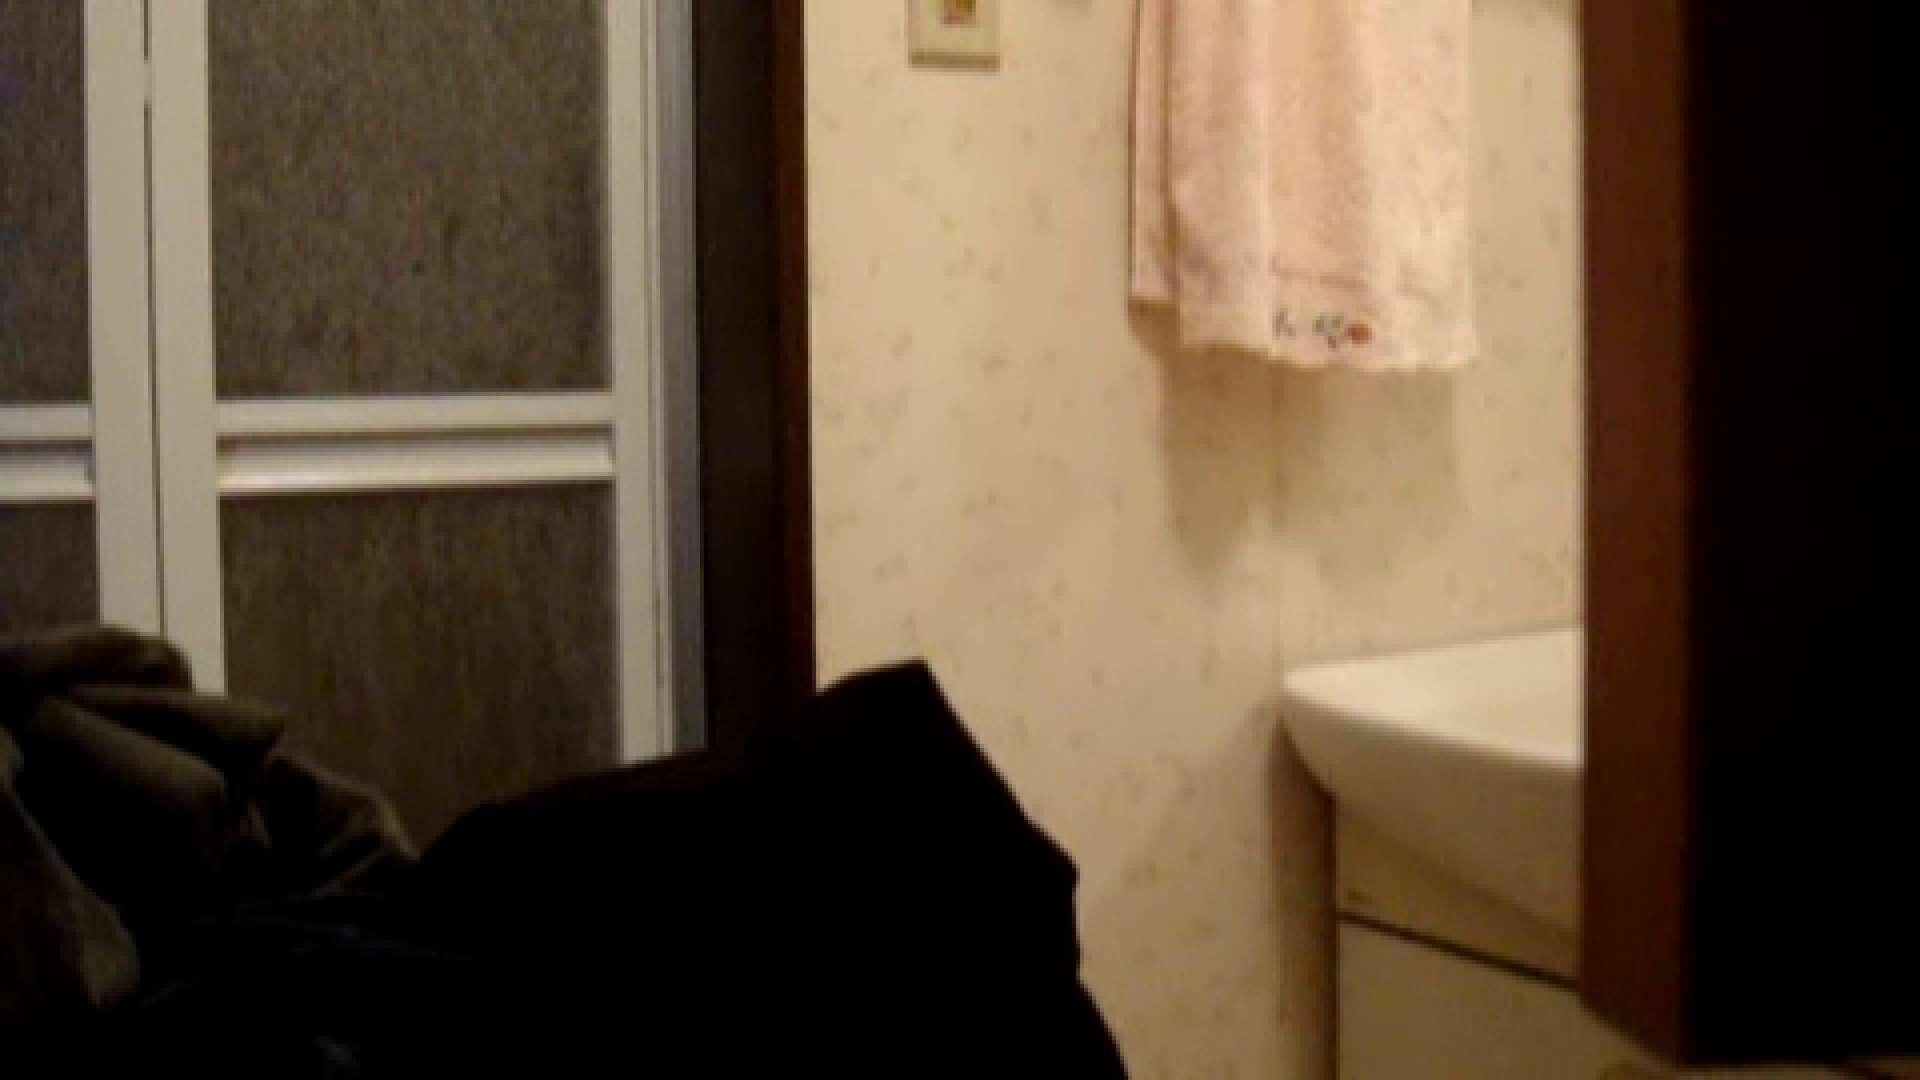 二人とも育てた甲斐がありました… vol.08 まどかの入浴中にカメラに気付いたか!? 綺麗なOLたち | 入浴  90枚 27